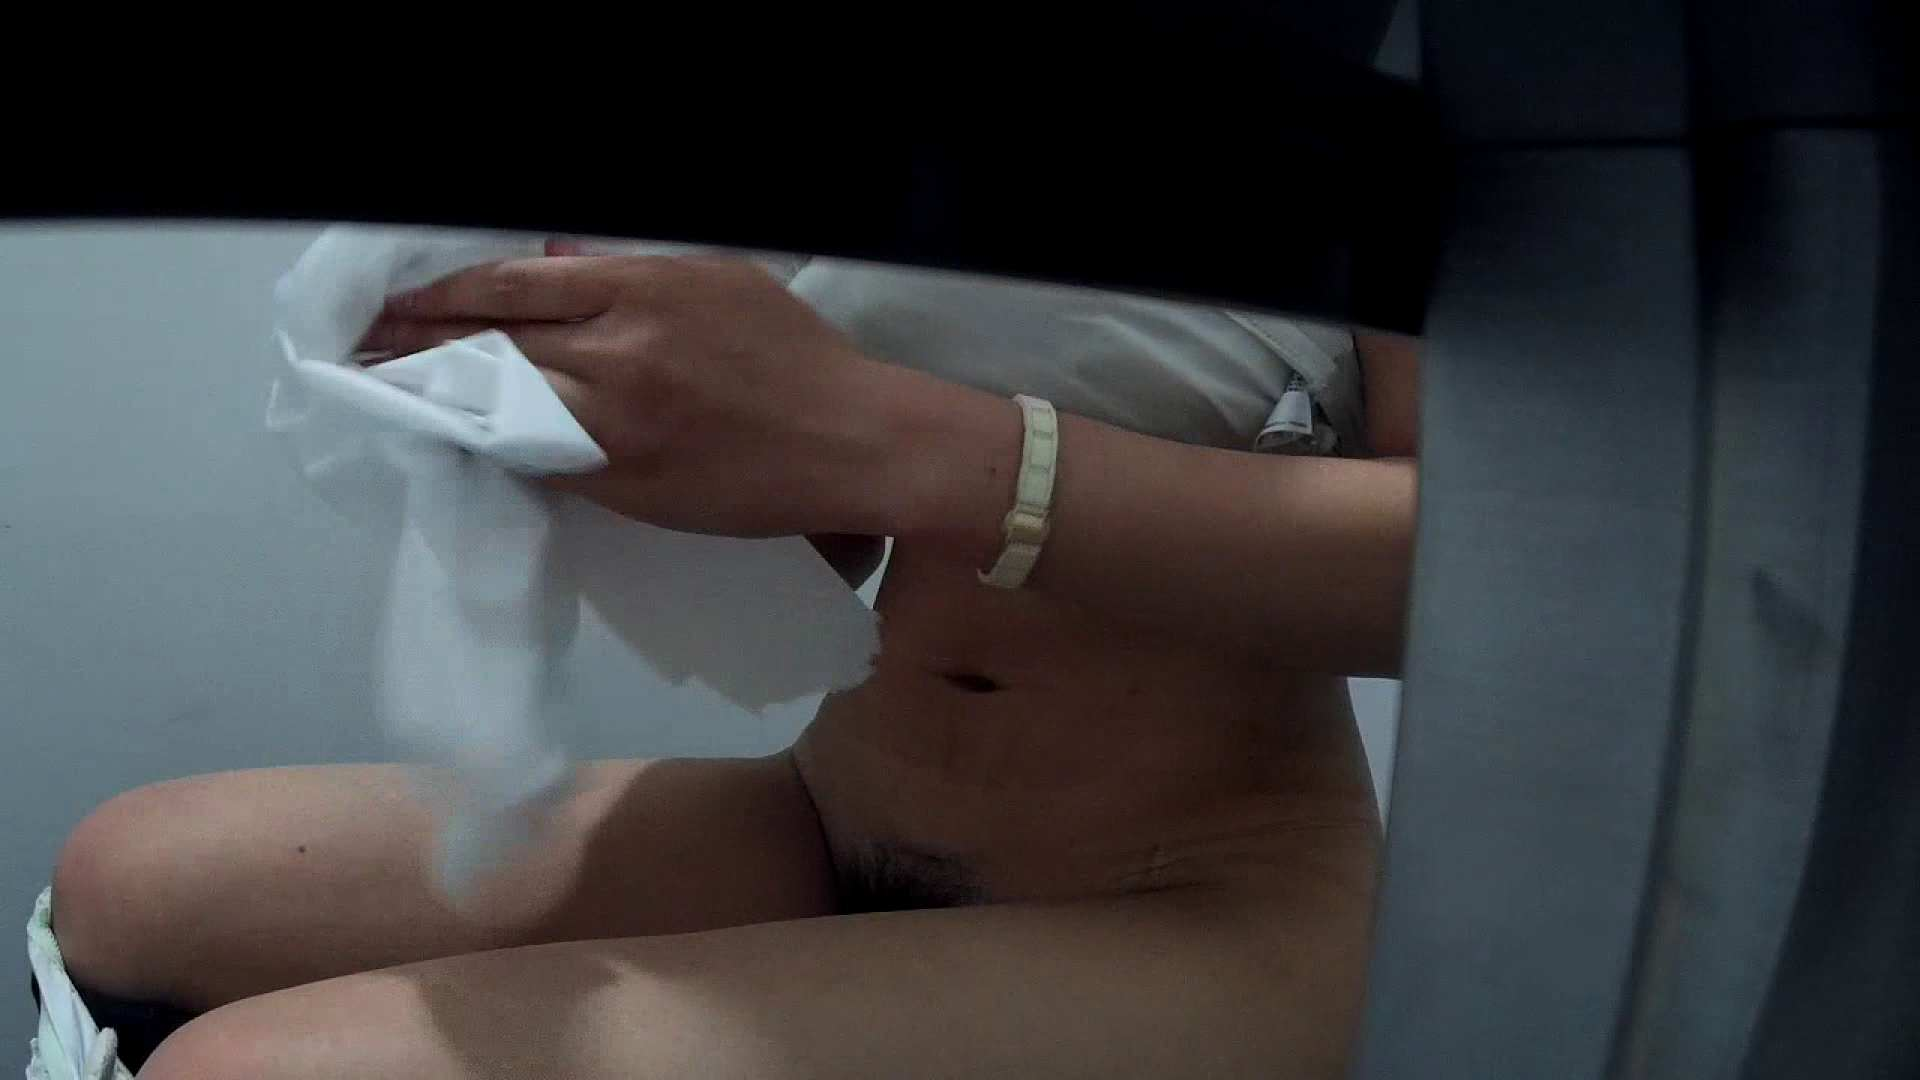 有名大学女性洗面所 vol.40 ??おまじない的な動きをする子がいます。 ギャル達  99枚 45